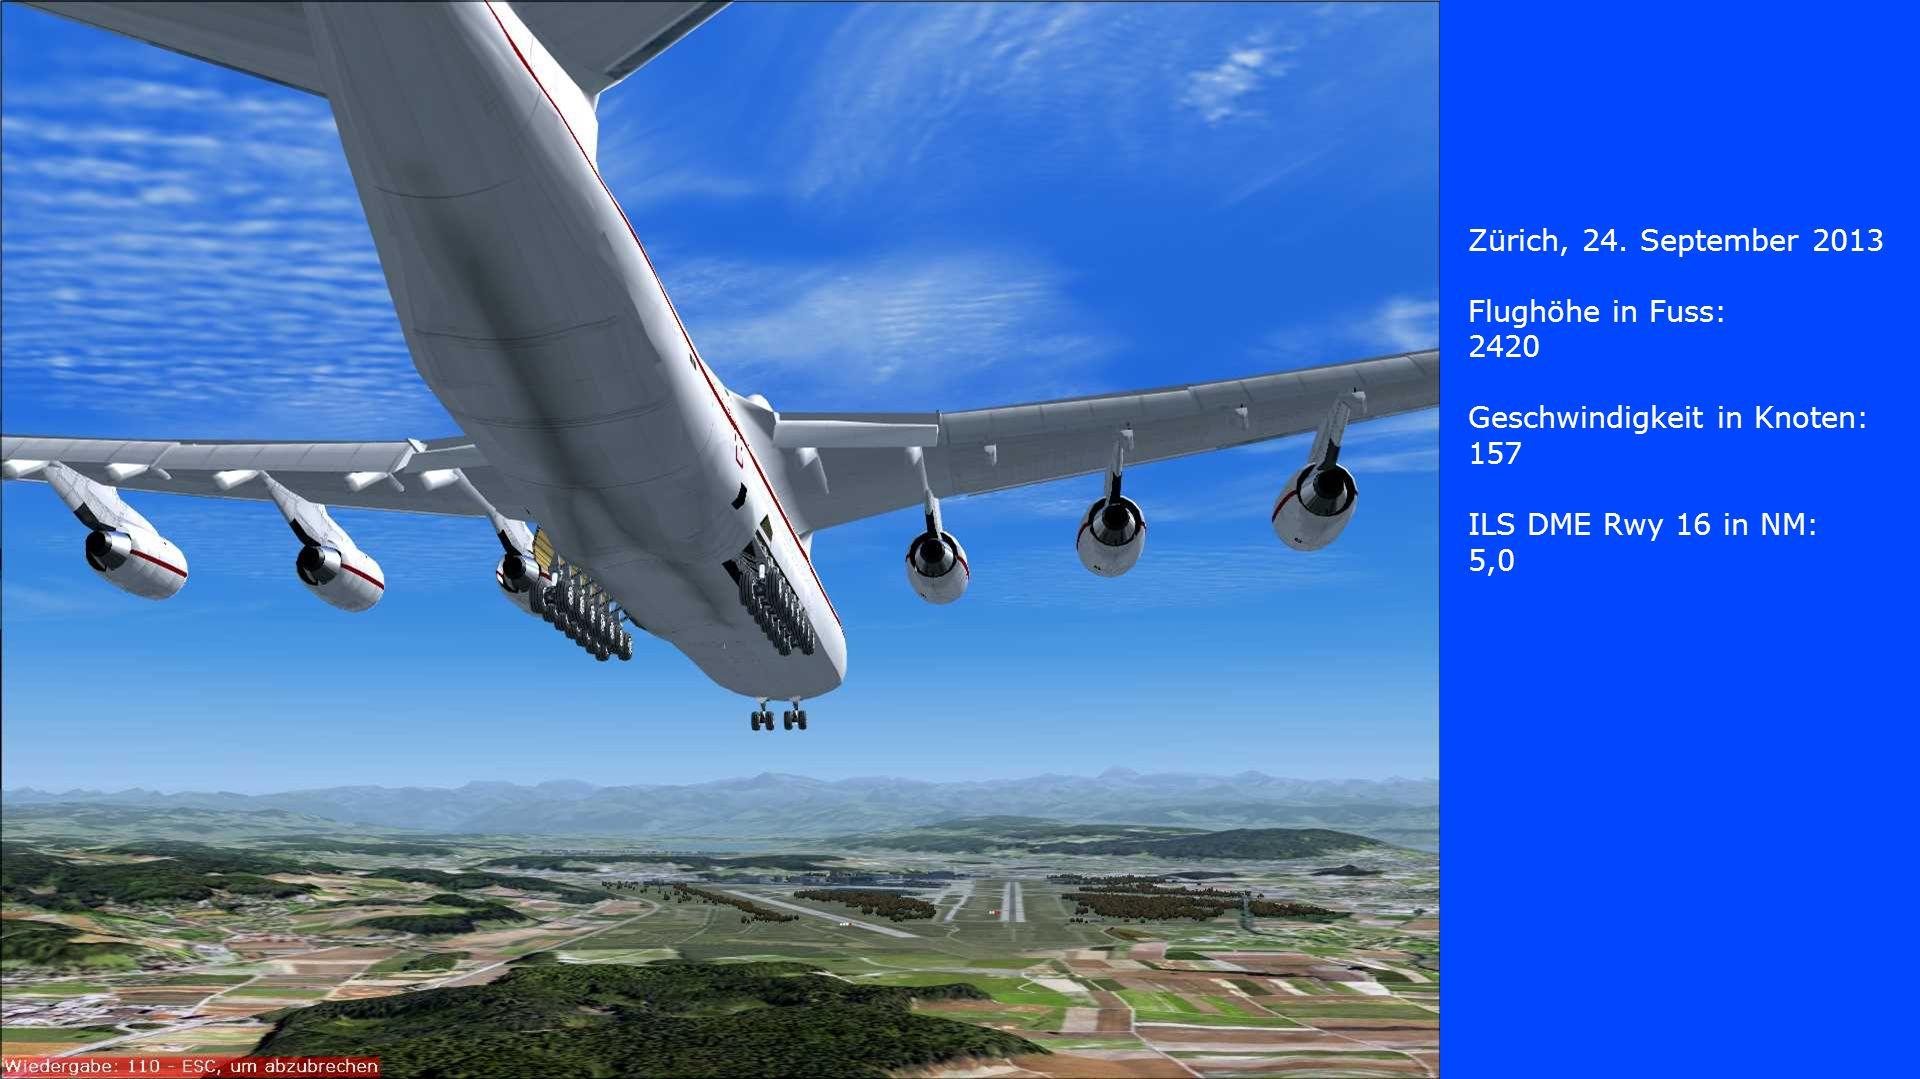 Zürich, 24. September 2013 Flughöhe in Fuss: 2420. Geschwindigkeit in Knoten: 157. ILS DME Rwy 16 in NM: